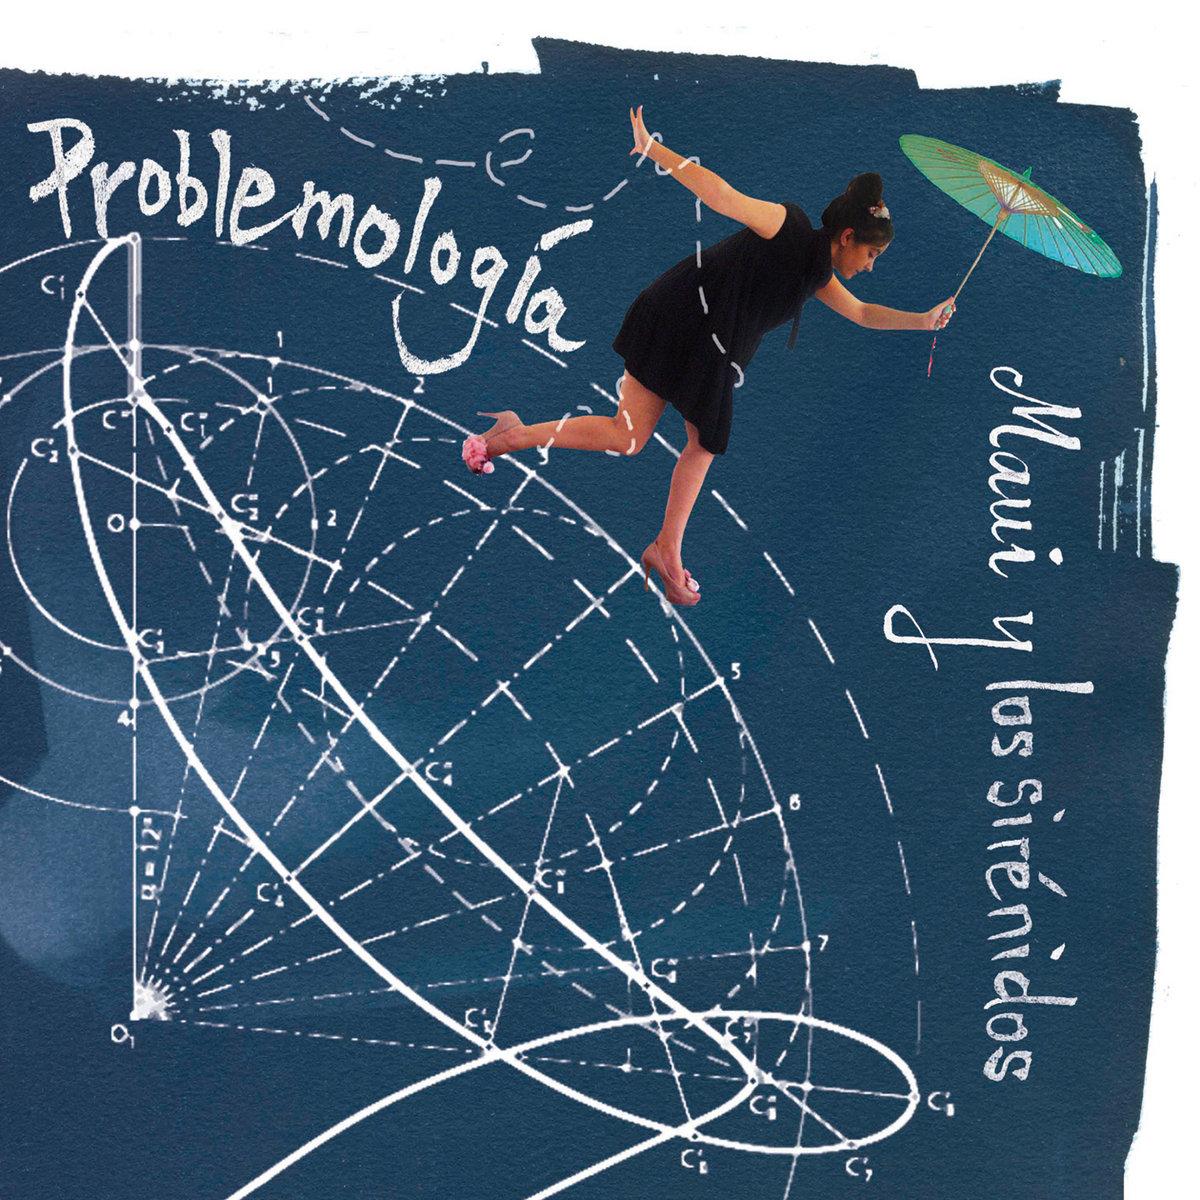 Problemología